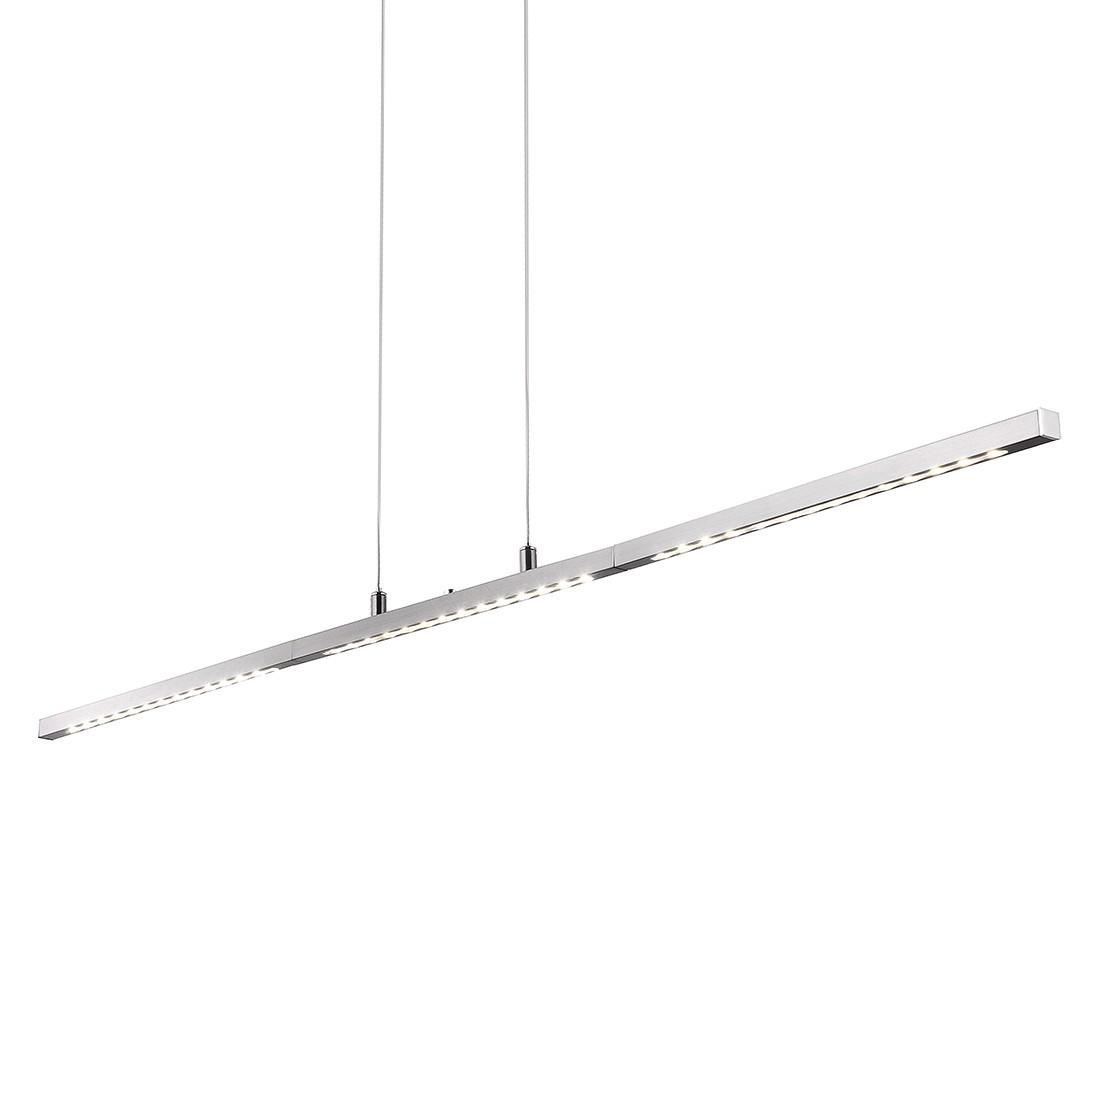 led pendelleuchte glido by leuchten direkt eisen stahl silber leuchten direkt a online kaufen. Black Bedroom Furniture Sets. Home Design Ideas